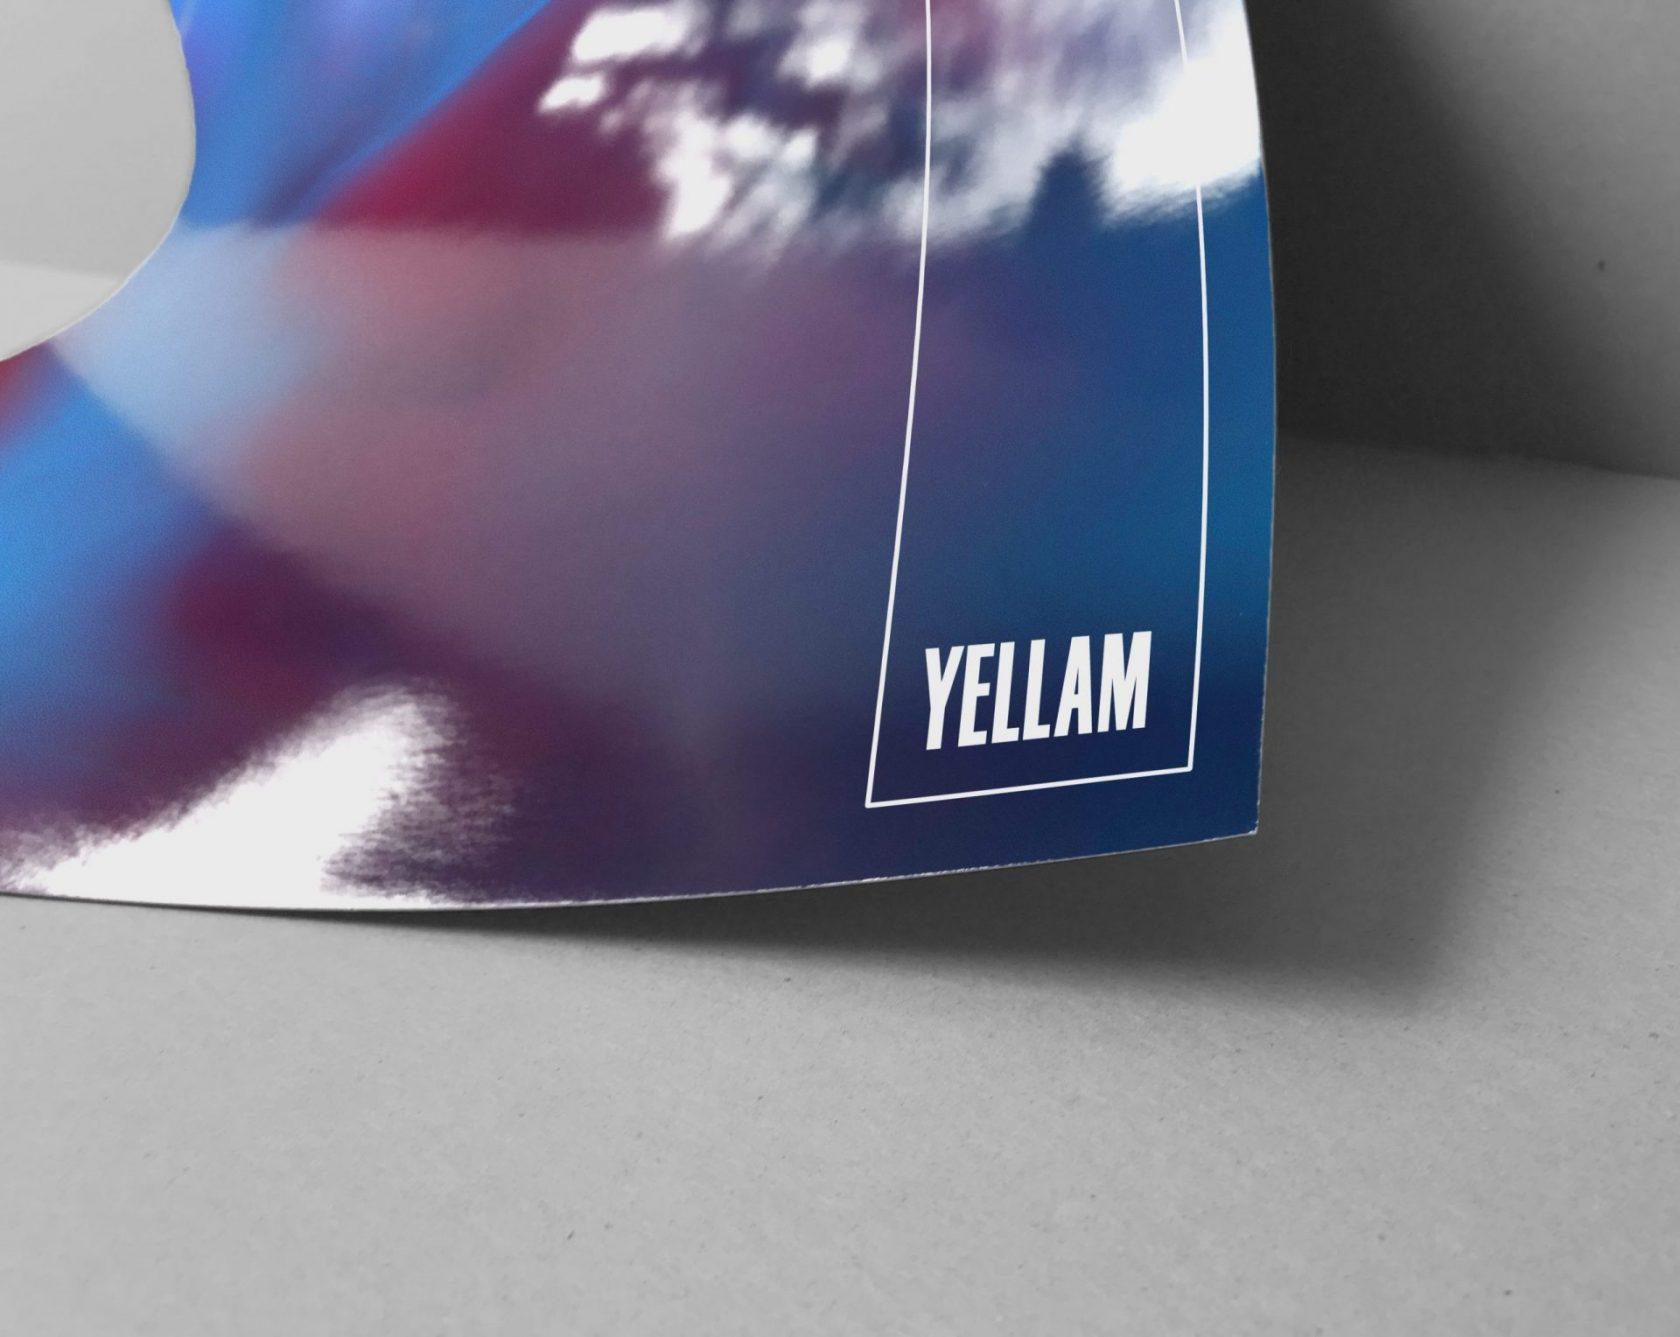 Visual asset for Yellam, by Perimetre creative studio based in Paris